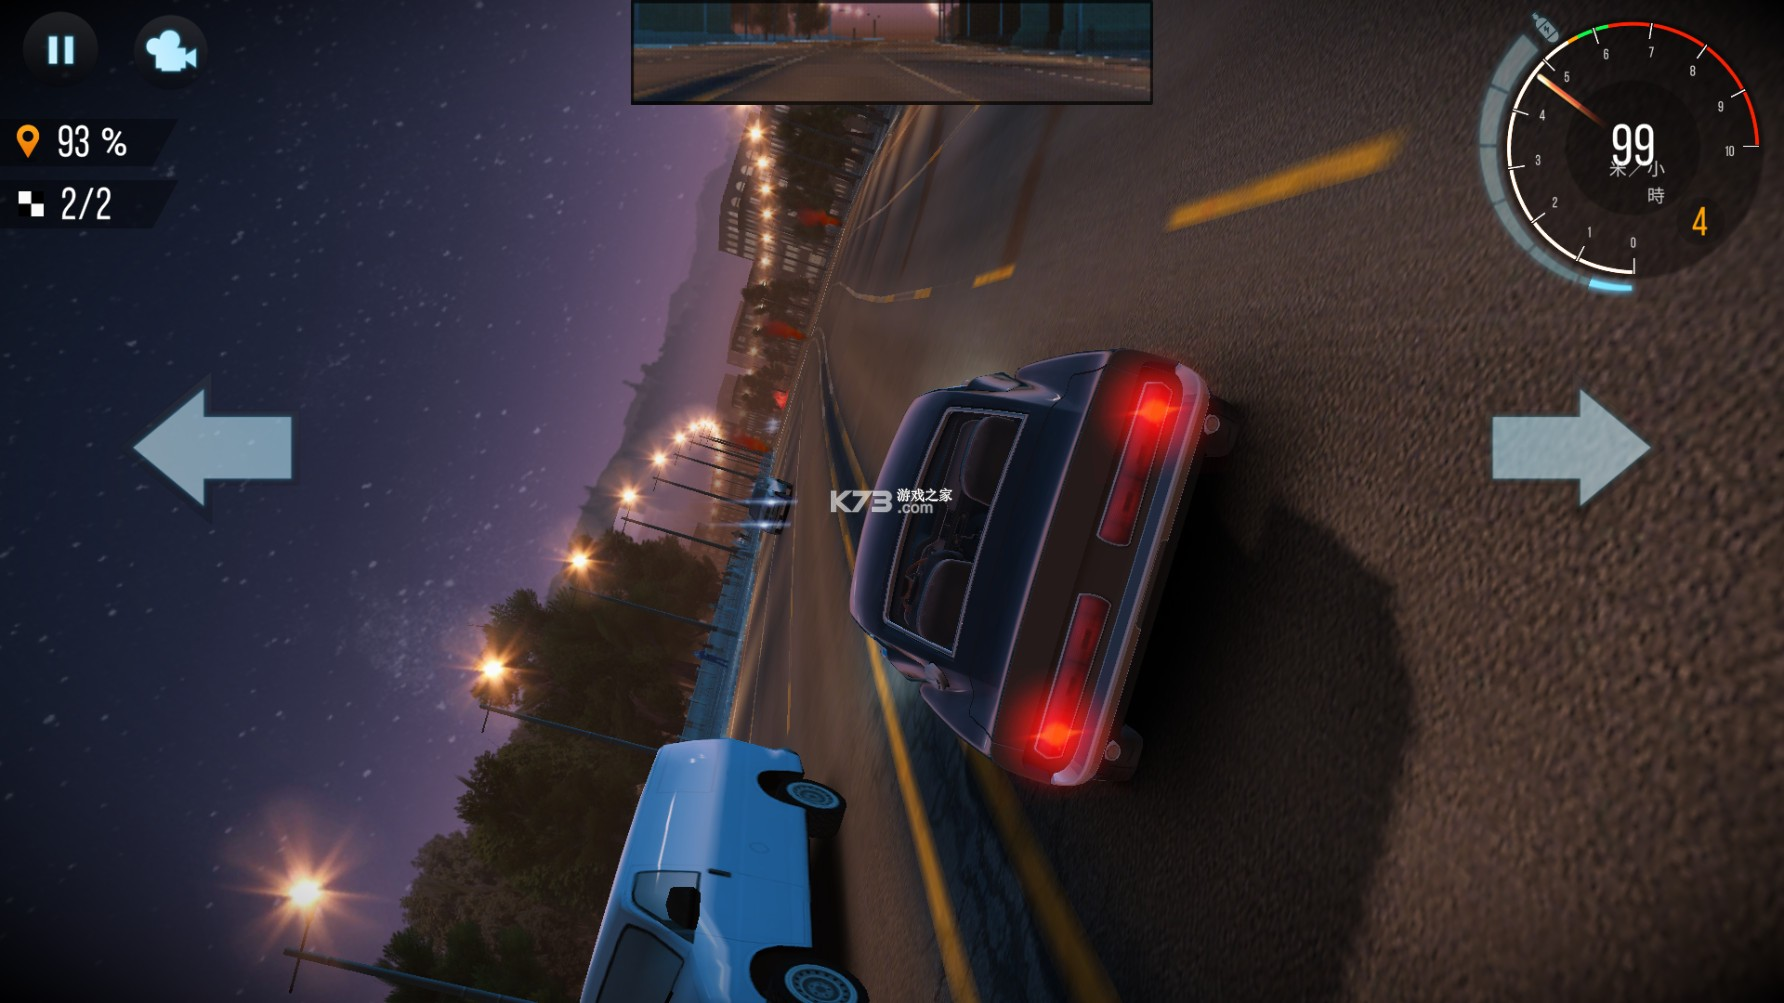 CarX Highway Racing v1.72.1 最新版本 截图